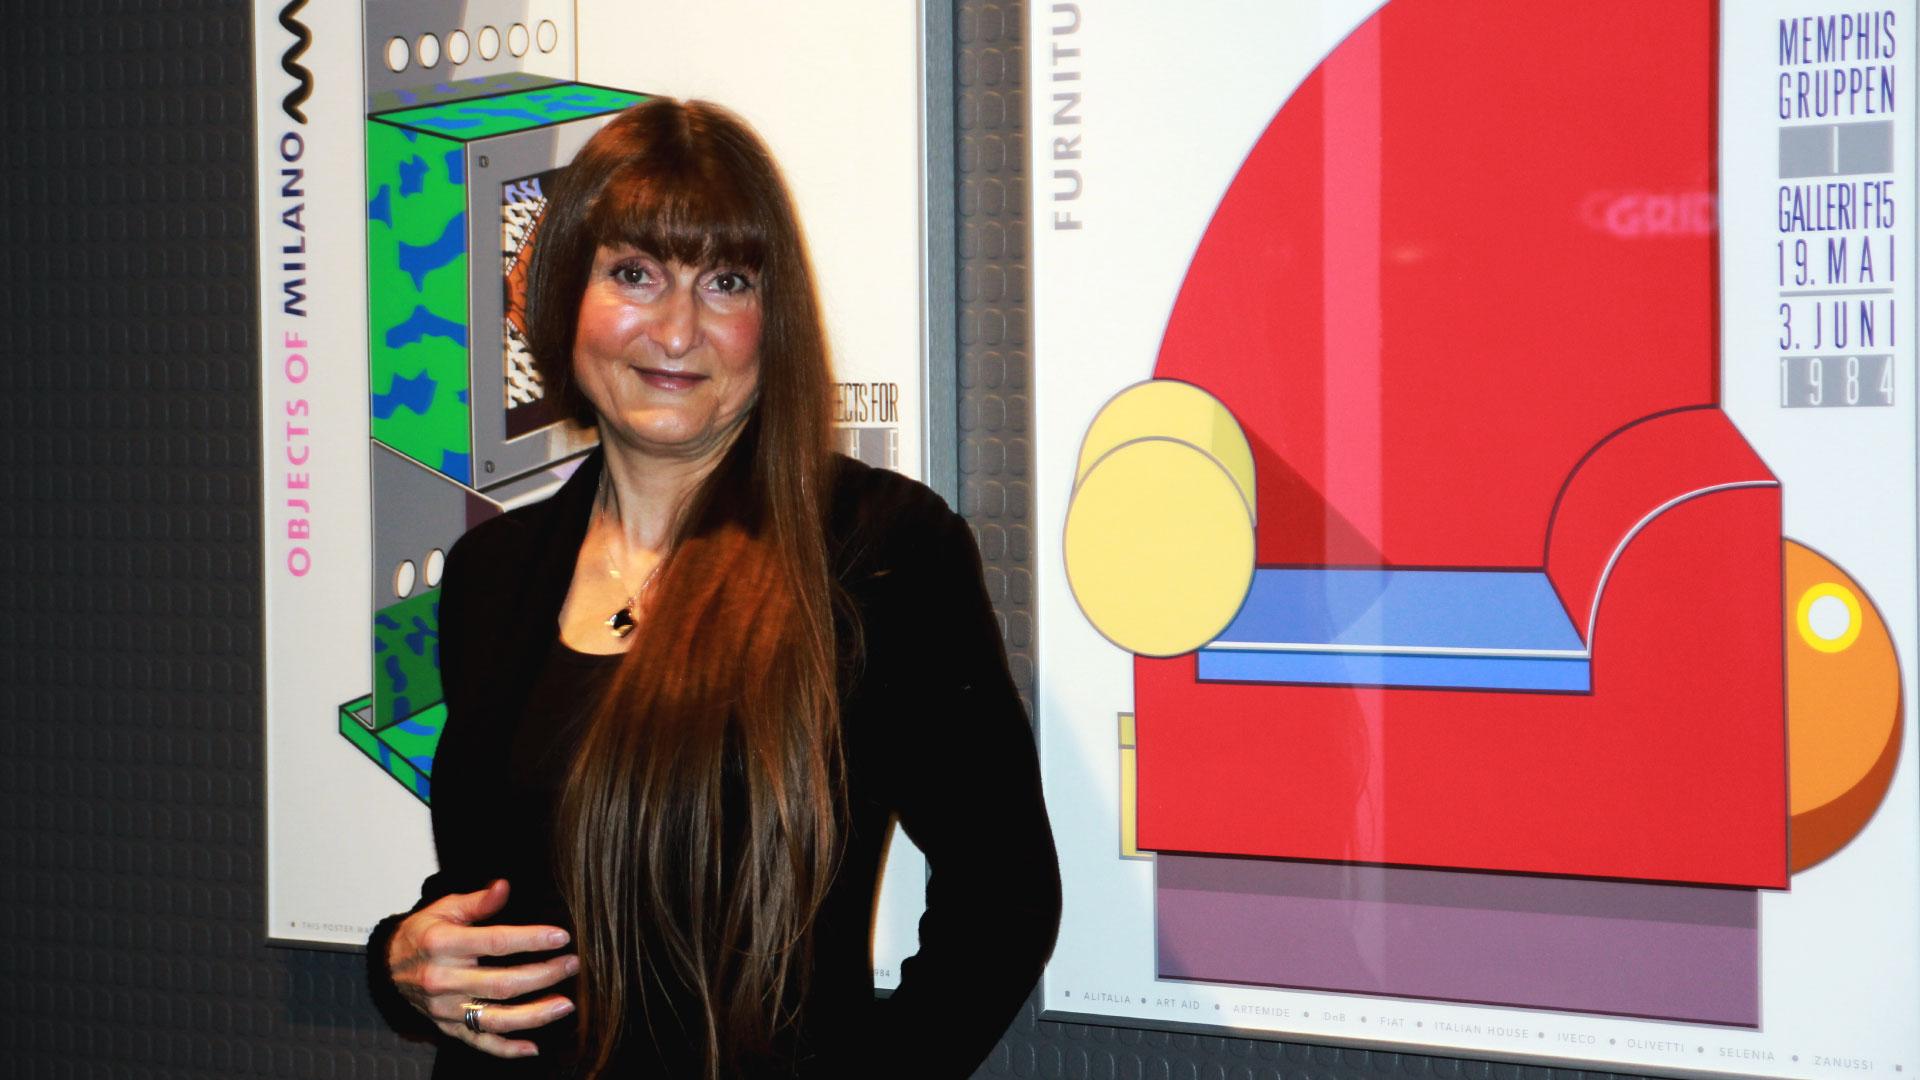 Professor i visuell kommunikasjon, Wanda Grimsgaard liker Memphis, spesielt den grønne fargen. Mange av hennes Instagram-følgere har blitt hekta på neon-grønn. > Memphis-gruppen 1984. Foto: Sidsel Lie.